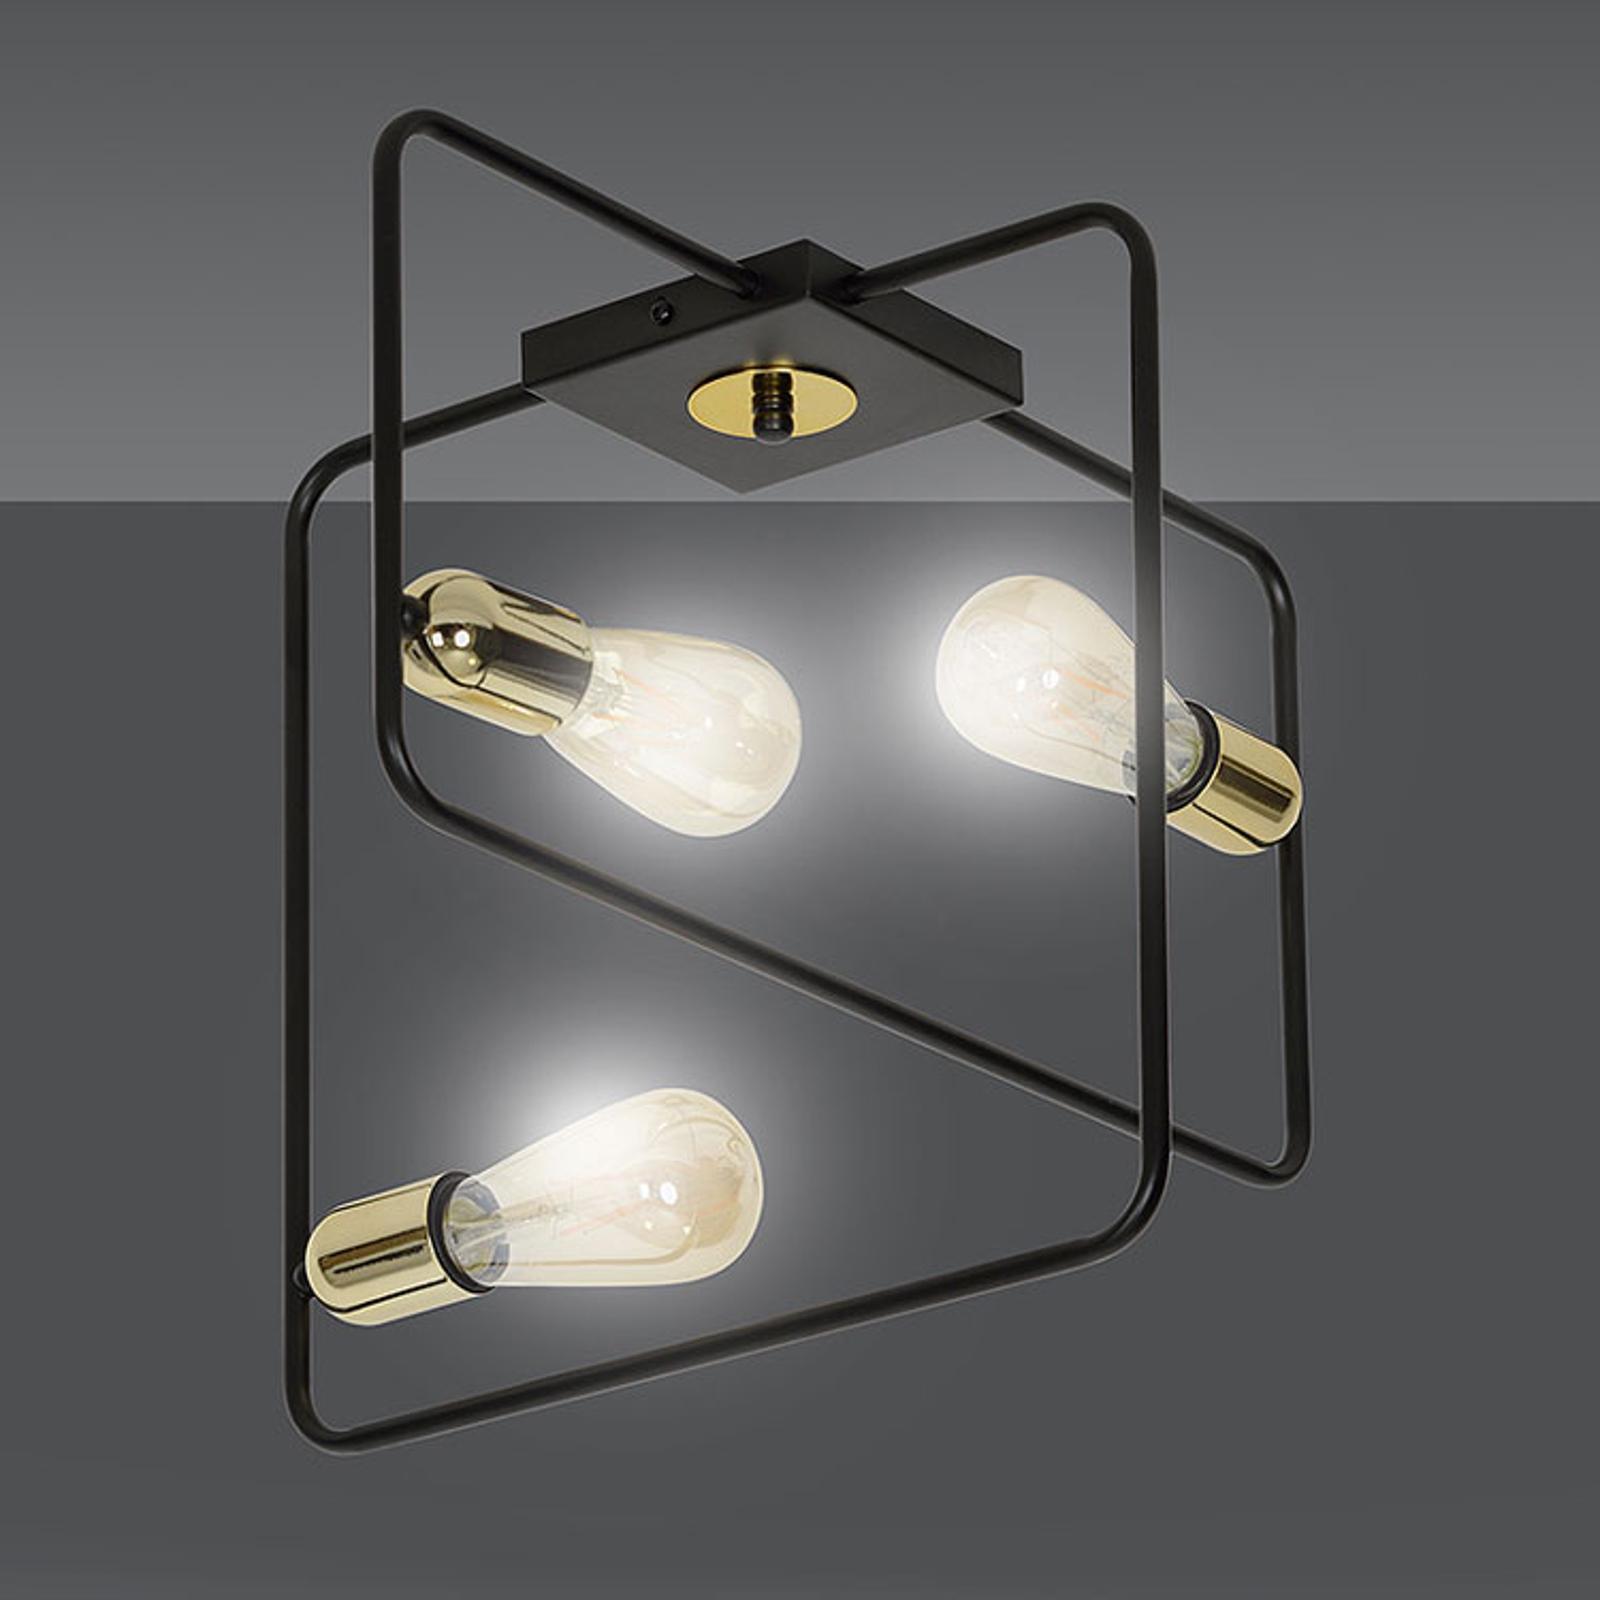 Kattovalaisin Savo 3 metallikehys, musta-kulta